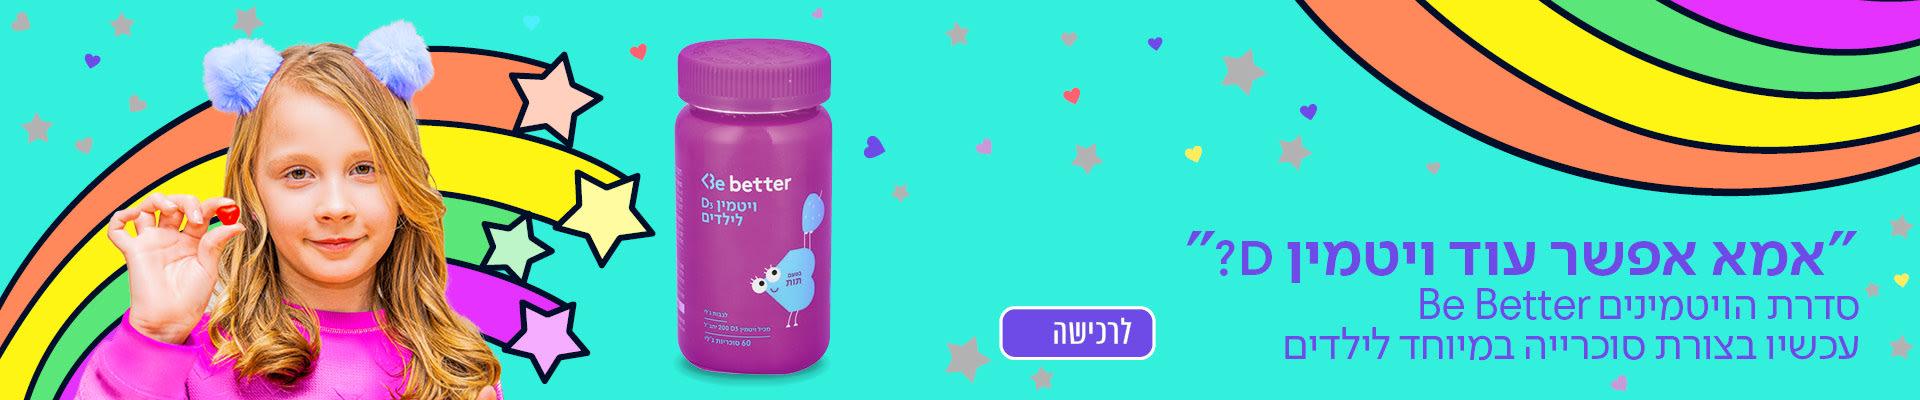 """אמא אפשר עוד ויטמין D?"""" סדרת הויטמינים BE BETTER עכשיו בצורת סוכרייה במיוחד לילדים לרכישה"""